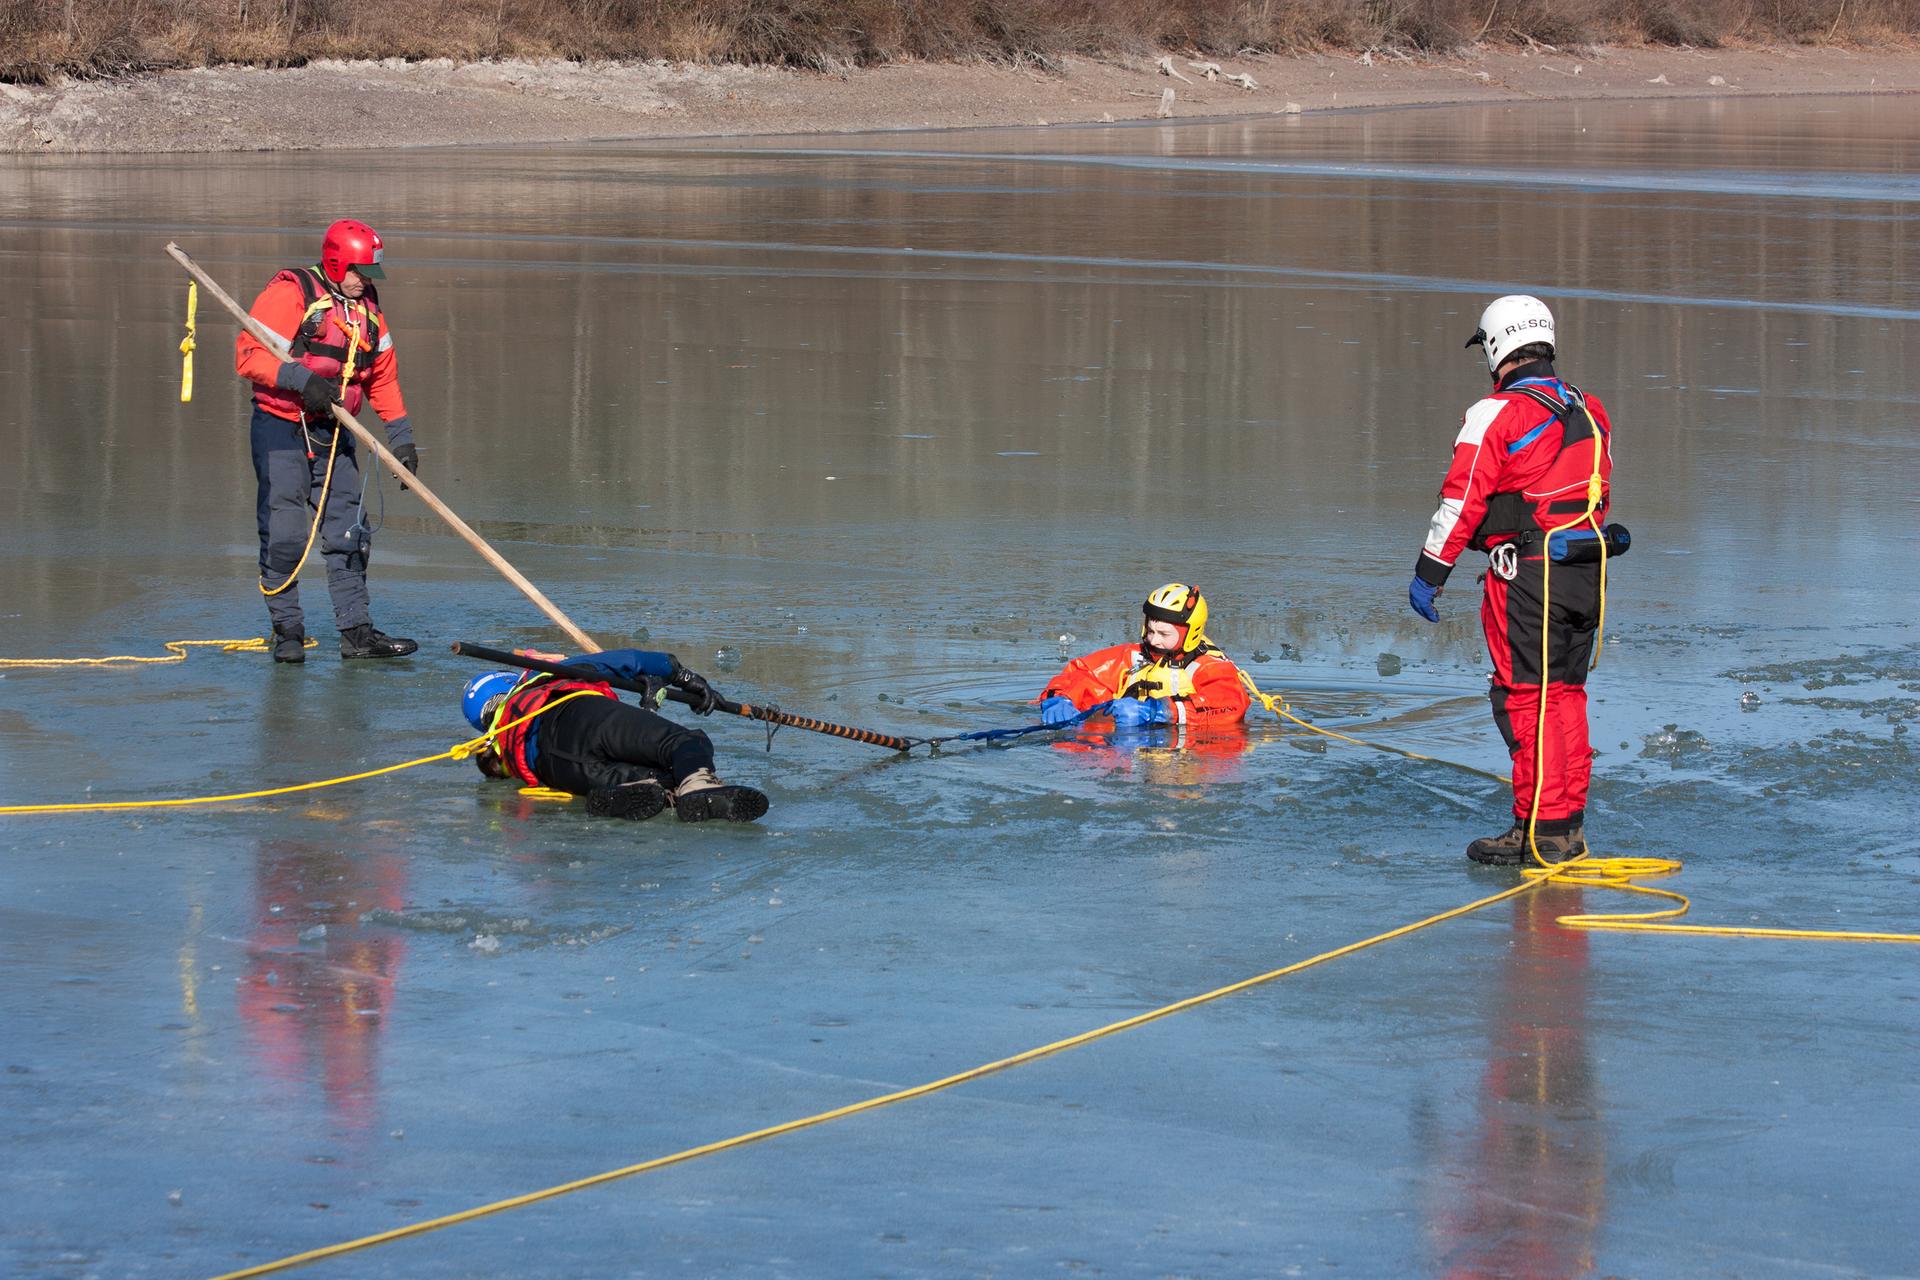 Kolorowe zdjęcie przedstawia ćwiczenia ratowników wodnych. Zimowy słoneczny dzień. Ratownicy ćwiczą wydobywanie tonącego na zamarzniętej powierzchni jeziora. Na środku jeziora przygotowany przerębel. Wprzeręblu tonąca osoba. Dwaj ratownicy stoją po obu stronach przerębla. Jedne po lewej ijeden po prawej. Obydwaj ratownicy przewiązani żółtymi linami. Trzeci ratownik leży na zamarzniętej powierzchni jeziora. Leżący ratownik trzyma długi kij. Drugi koniec kija przytrzymuje osoba tonąca wprzeręblu. Wszyscy ratownicy ubrani są wspecjalne ocieplane kombinezony. Mają kaski na głowach.